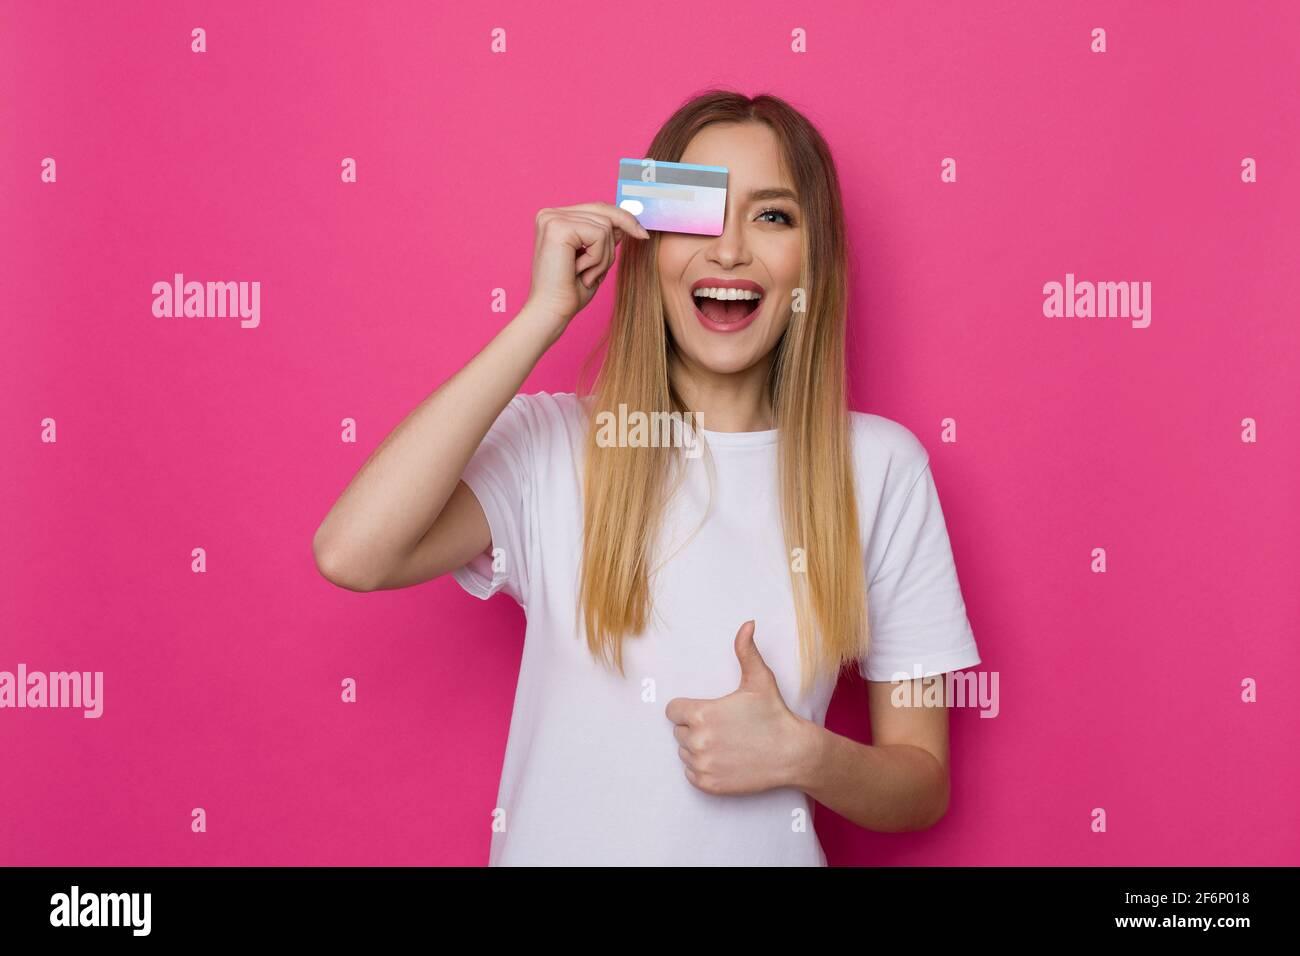 Rire jeune femme en chemise blanche couvre l'œil avec la carte de crédit et donne le pouce vers le haut. Taille haute studio tourné sur fond rose. Banque D'Images